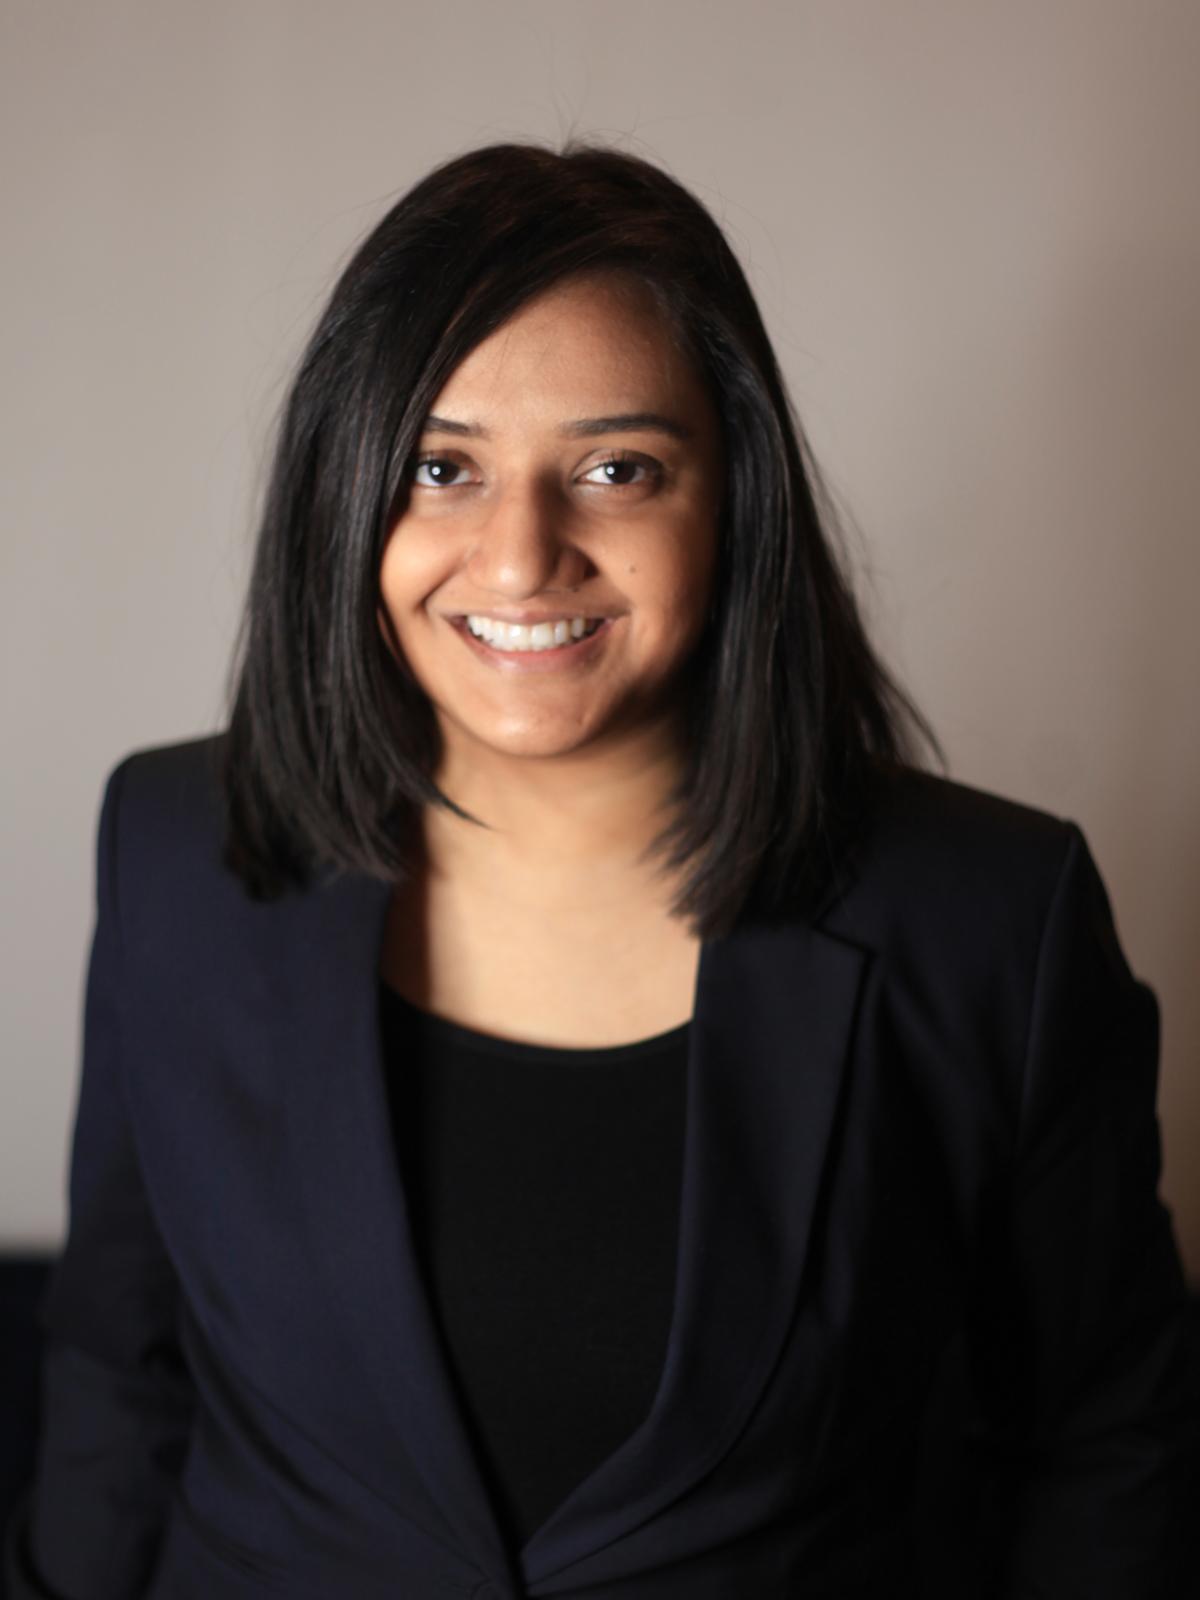 Nabila Safdar